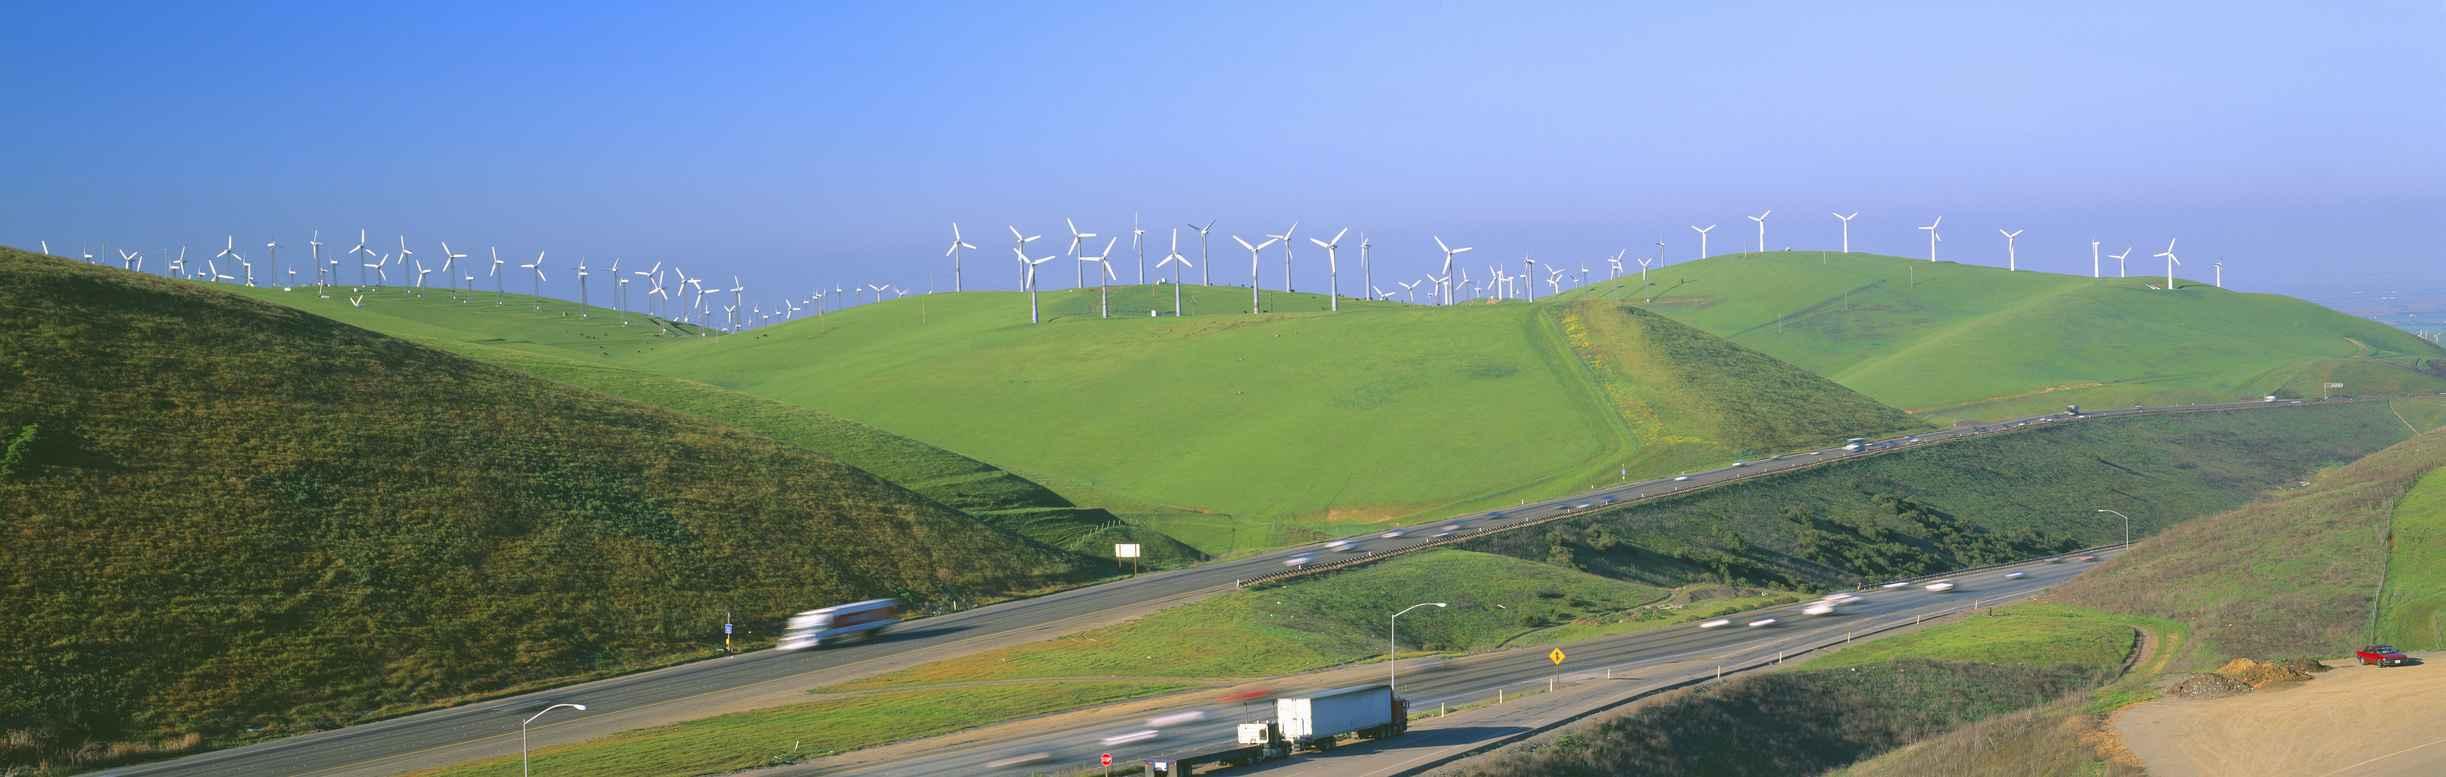 Windmühlen so weit das Auge reicht: Die Entwicklung der Erneuerbaren, wie hier in Californieren last sich nicht mehr aufhalten.